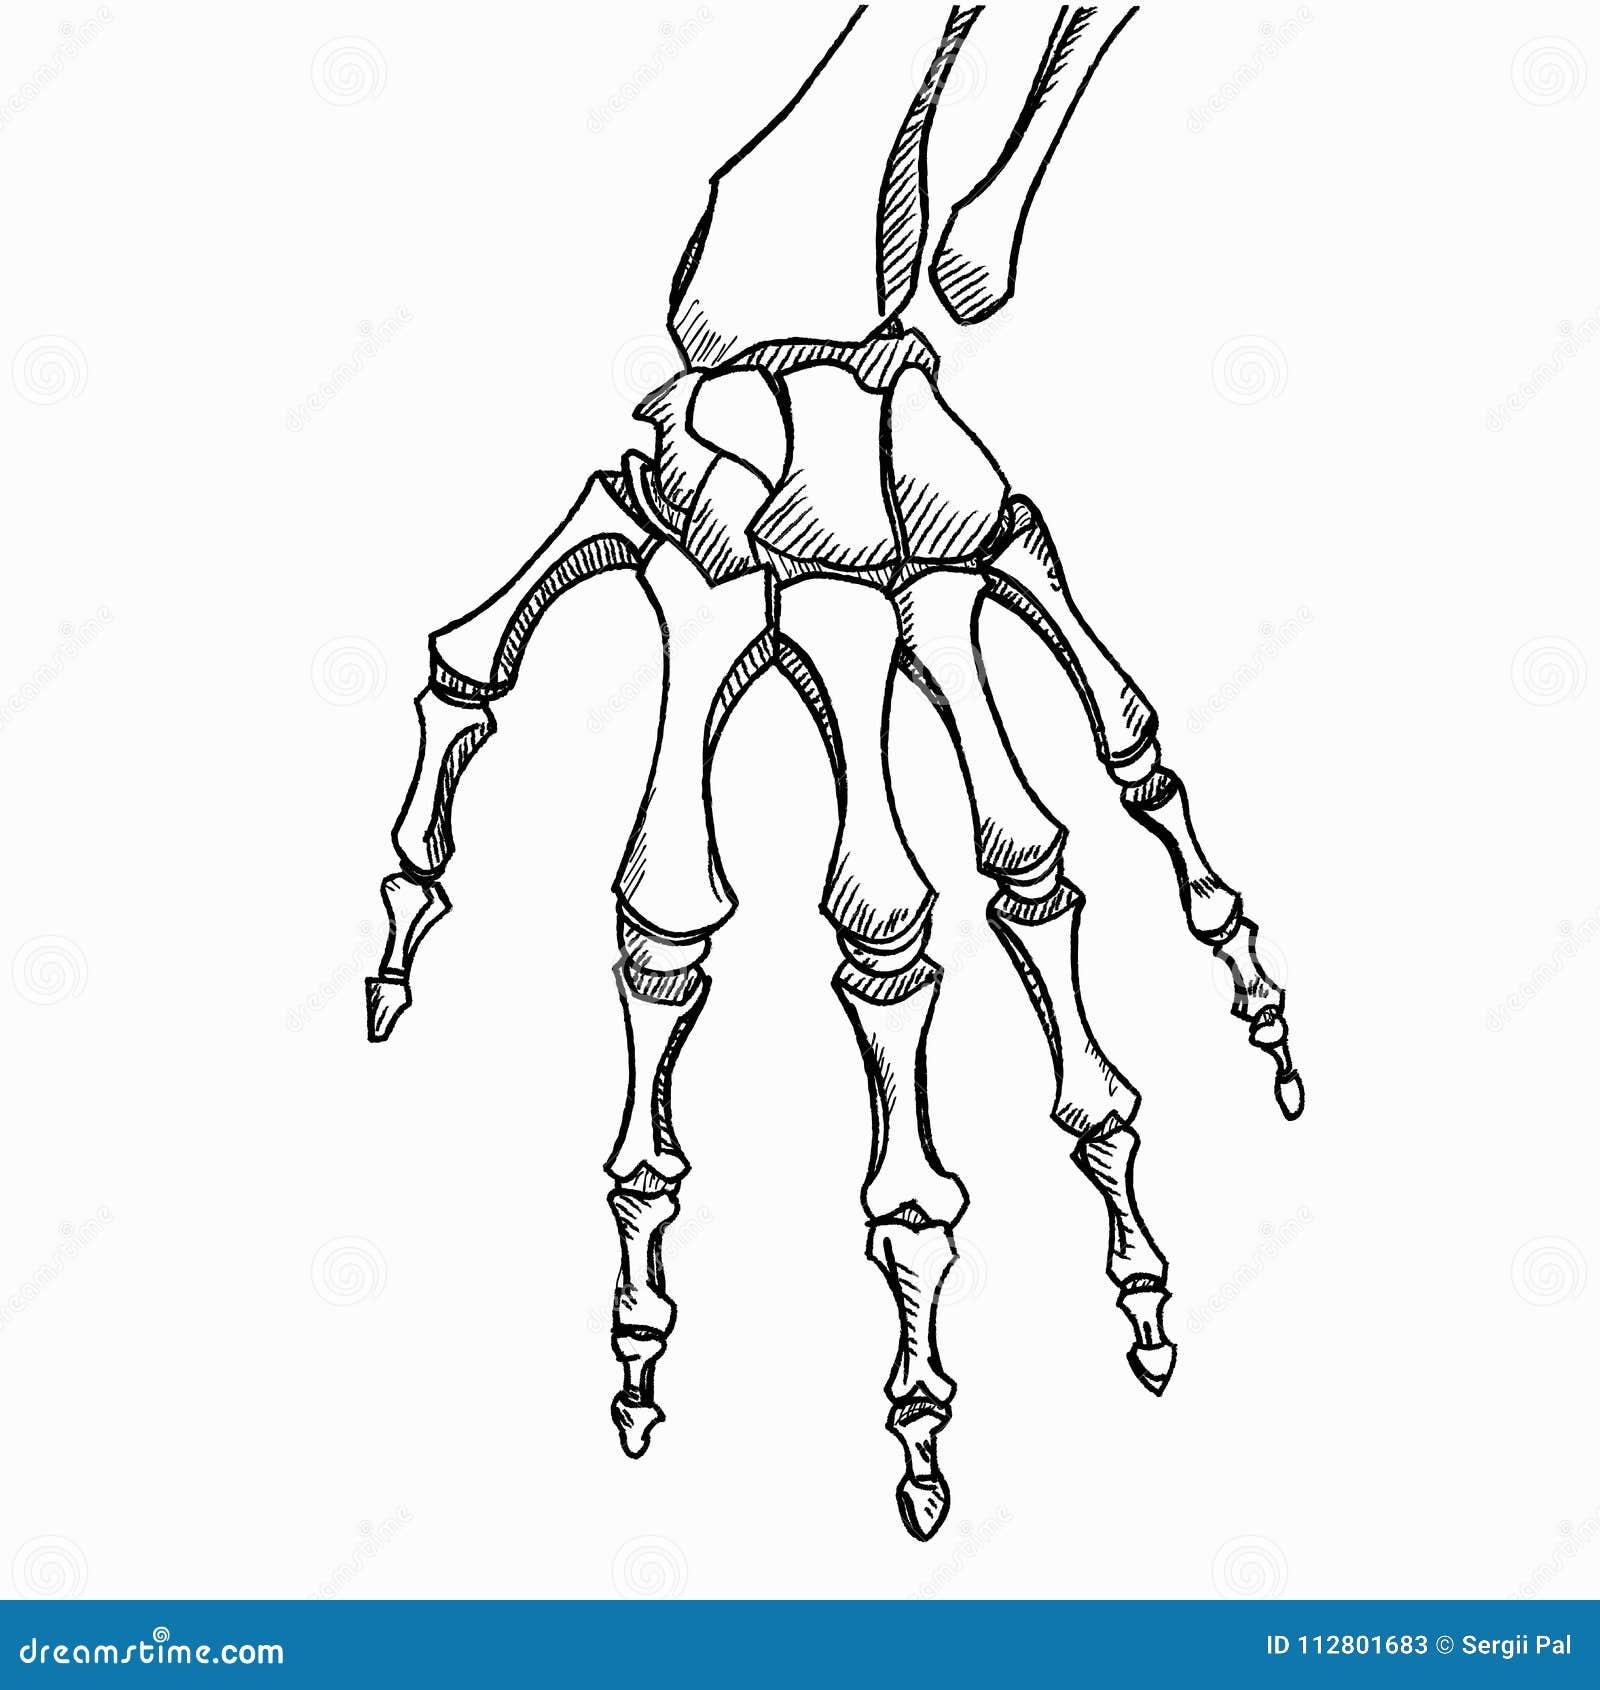 Nett Arm Und Handknochen Fotos - Menschliche Anatomie Bilder ...